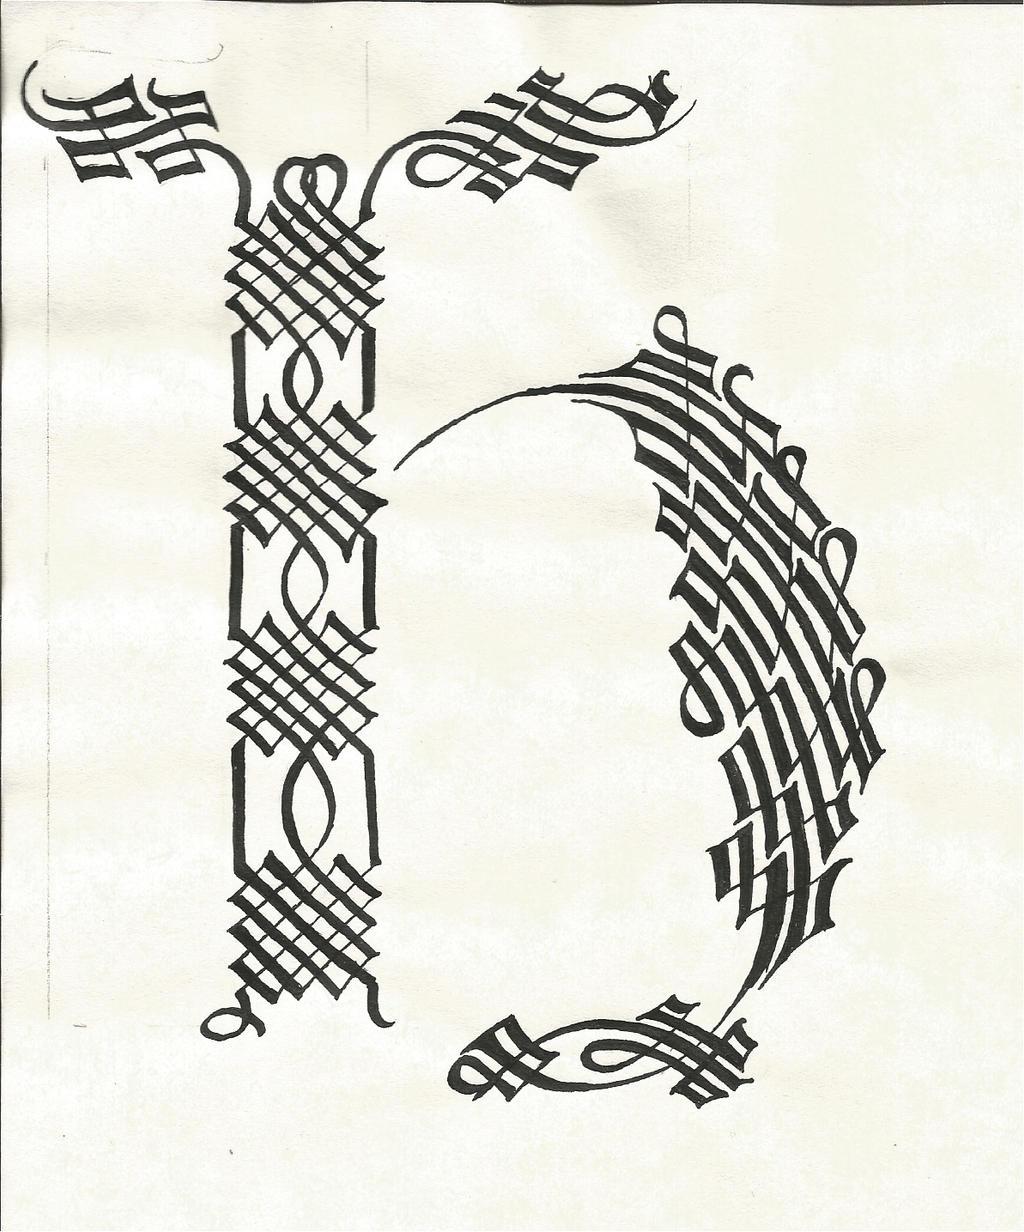 Calligraphy H By Septaliger On Deviantart